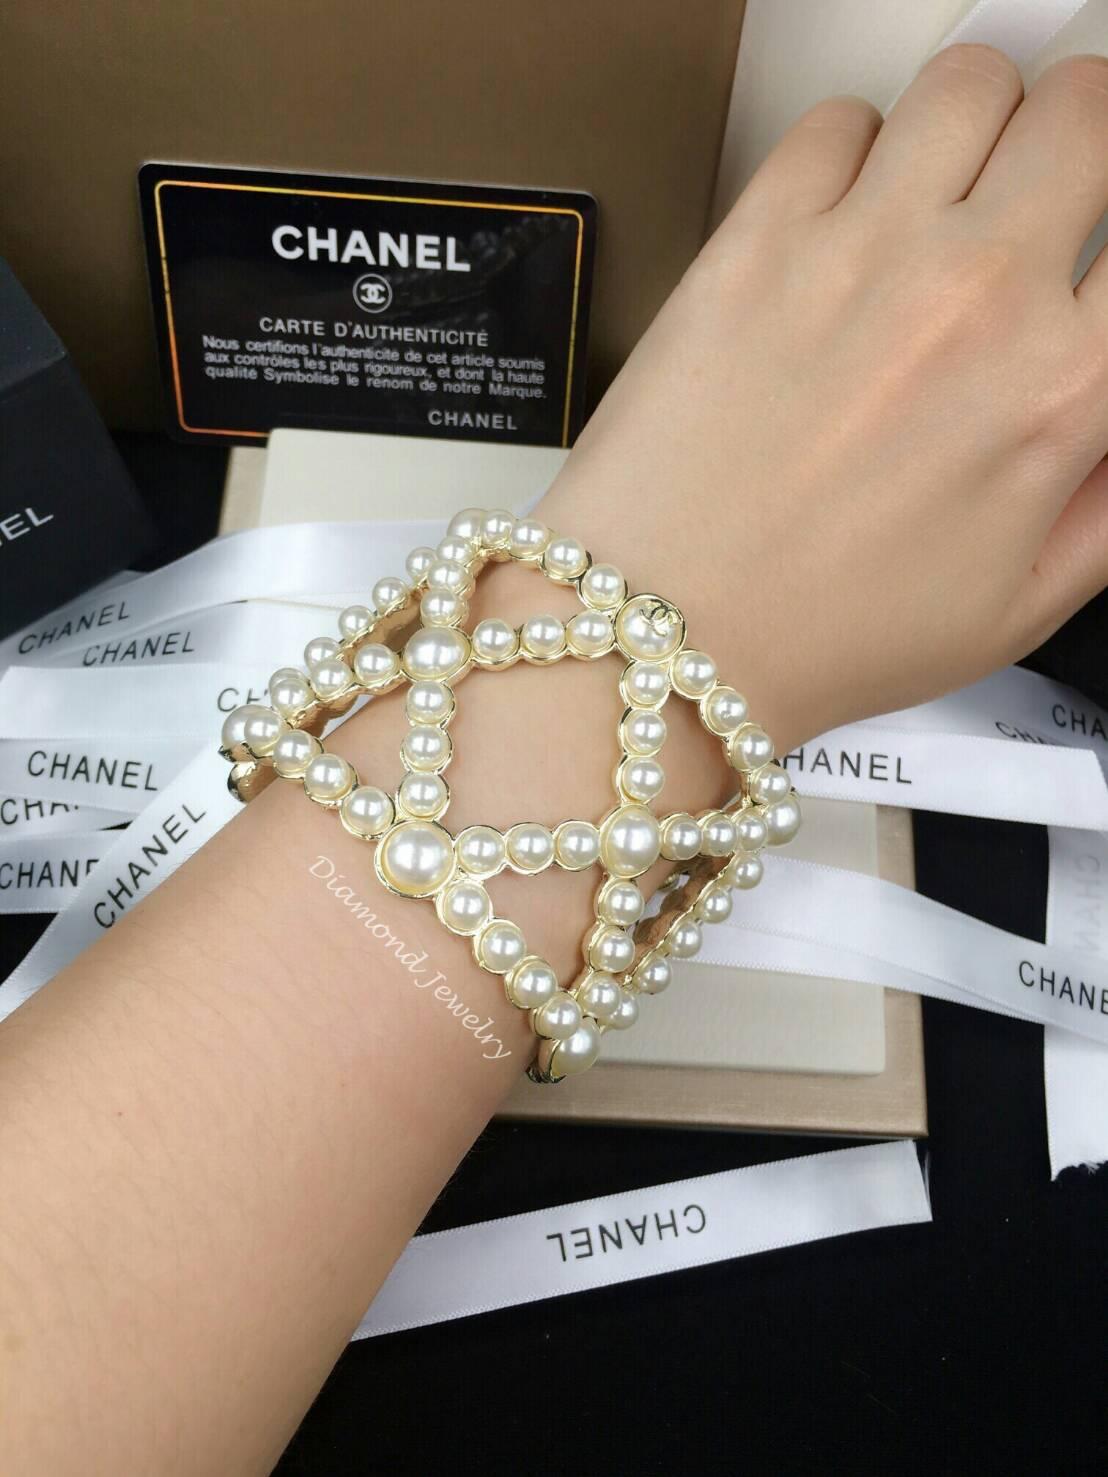 Chanel Cuffs งานมุก ตัวเรือนสีทอง ประดับโลโก้ชาแนลที่มุก เกรดพรีเมี่ยม